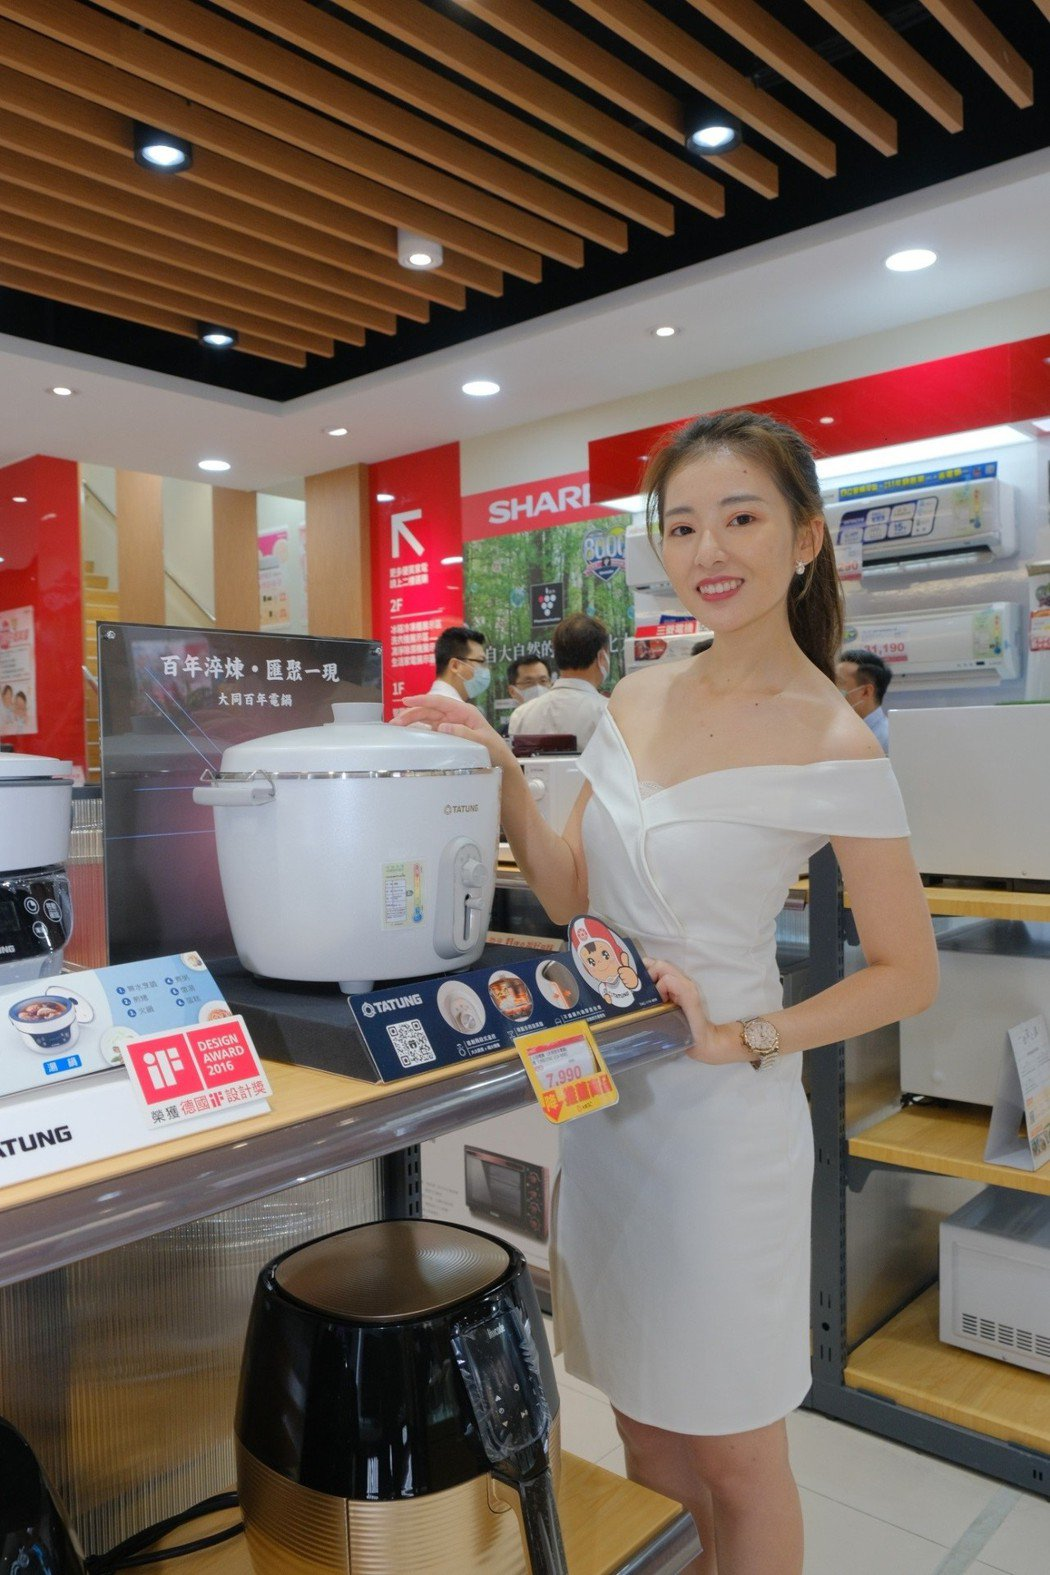 大同除了台灣第一品牌電鍋外,主力產品也將開發以服務為導向的智慧電器產品,包含商用...